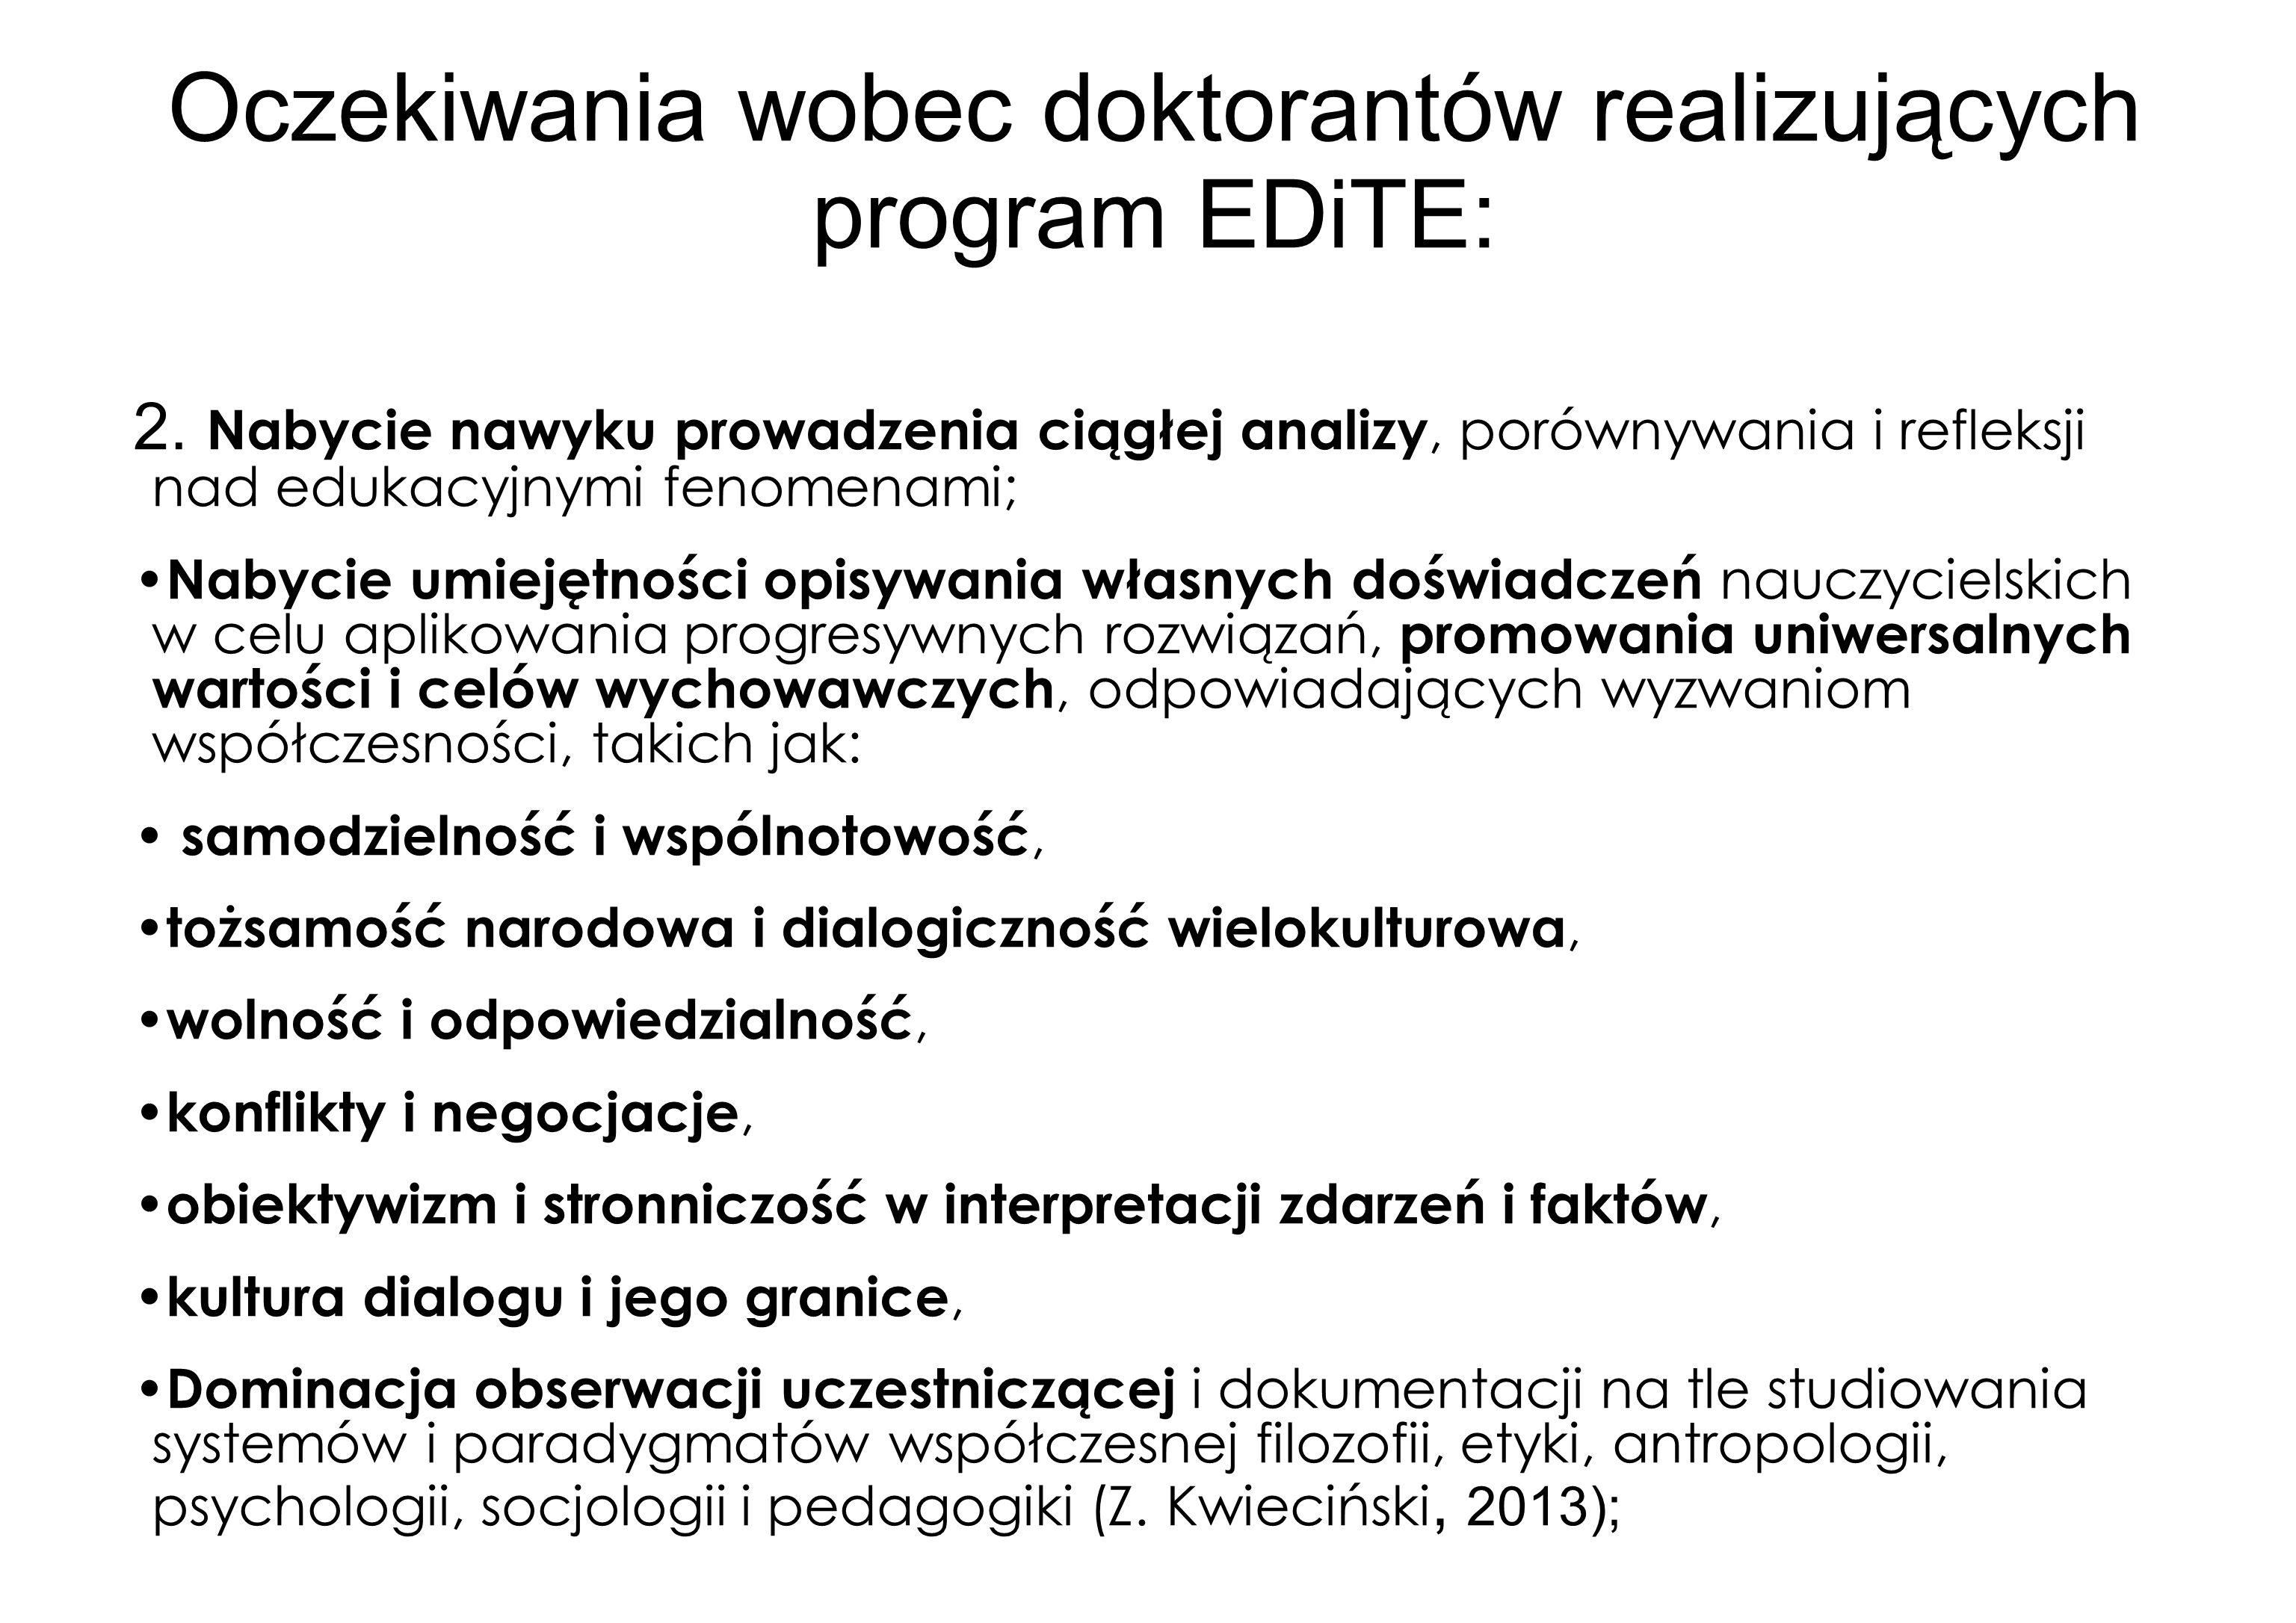 Oczekiwania wobec doktorantów realizujących program EDiTE: 2. Nabycie nawyku prowadzenia ciągłej analizy, porównywania i refleksji nad edukacyjnymi fe